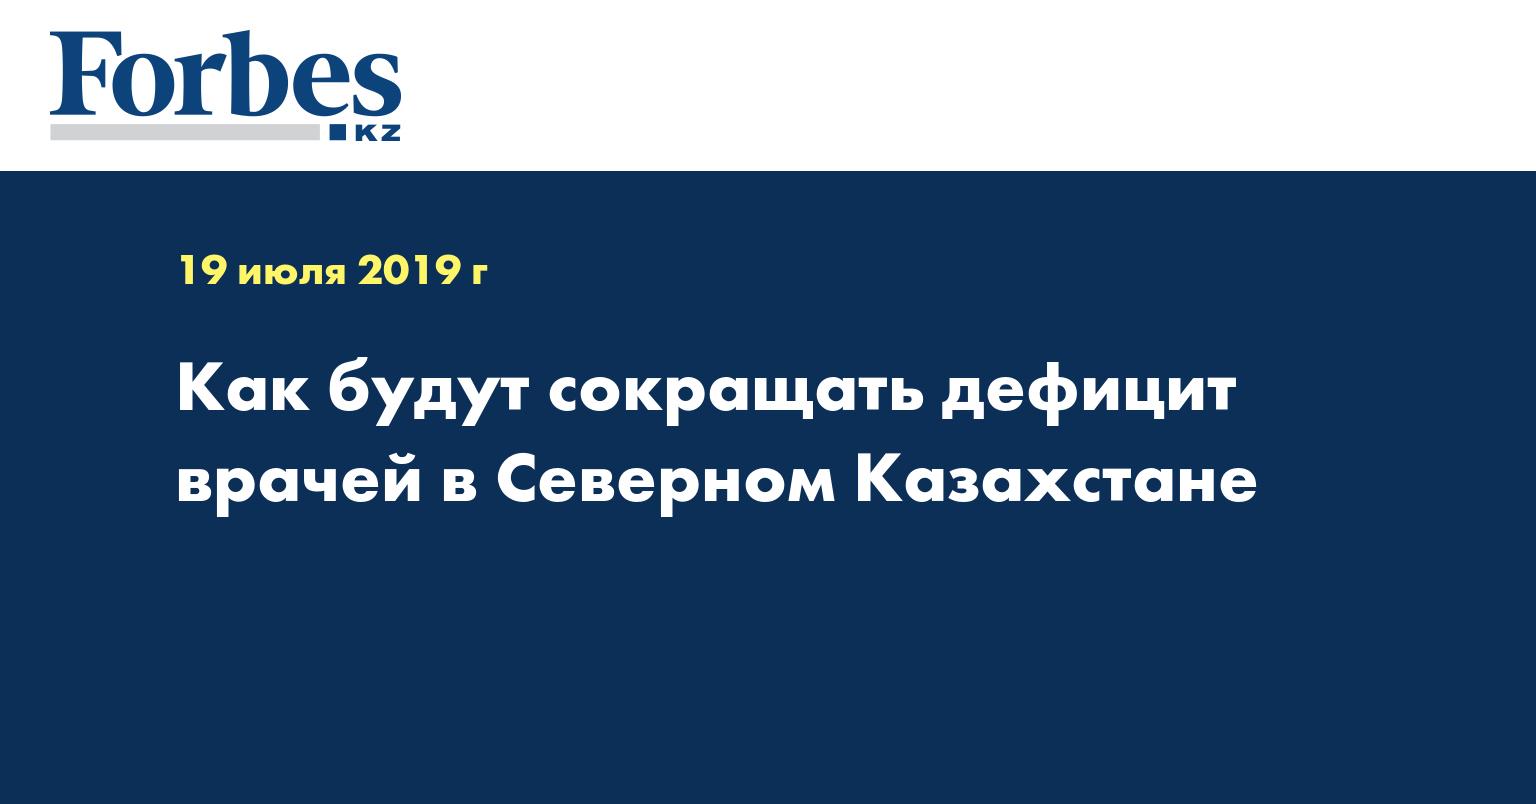 Как будут сокращать дефицит врачей в Северном Казахстане